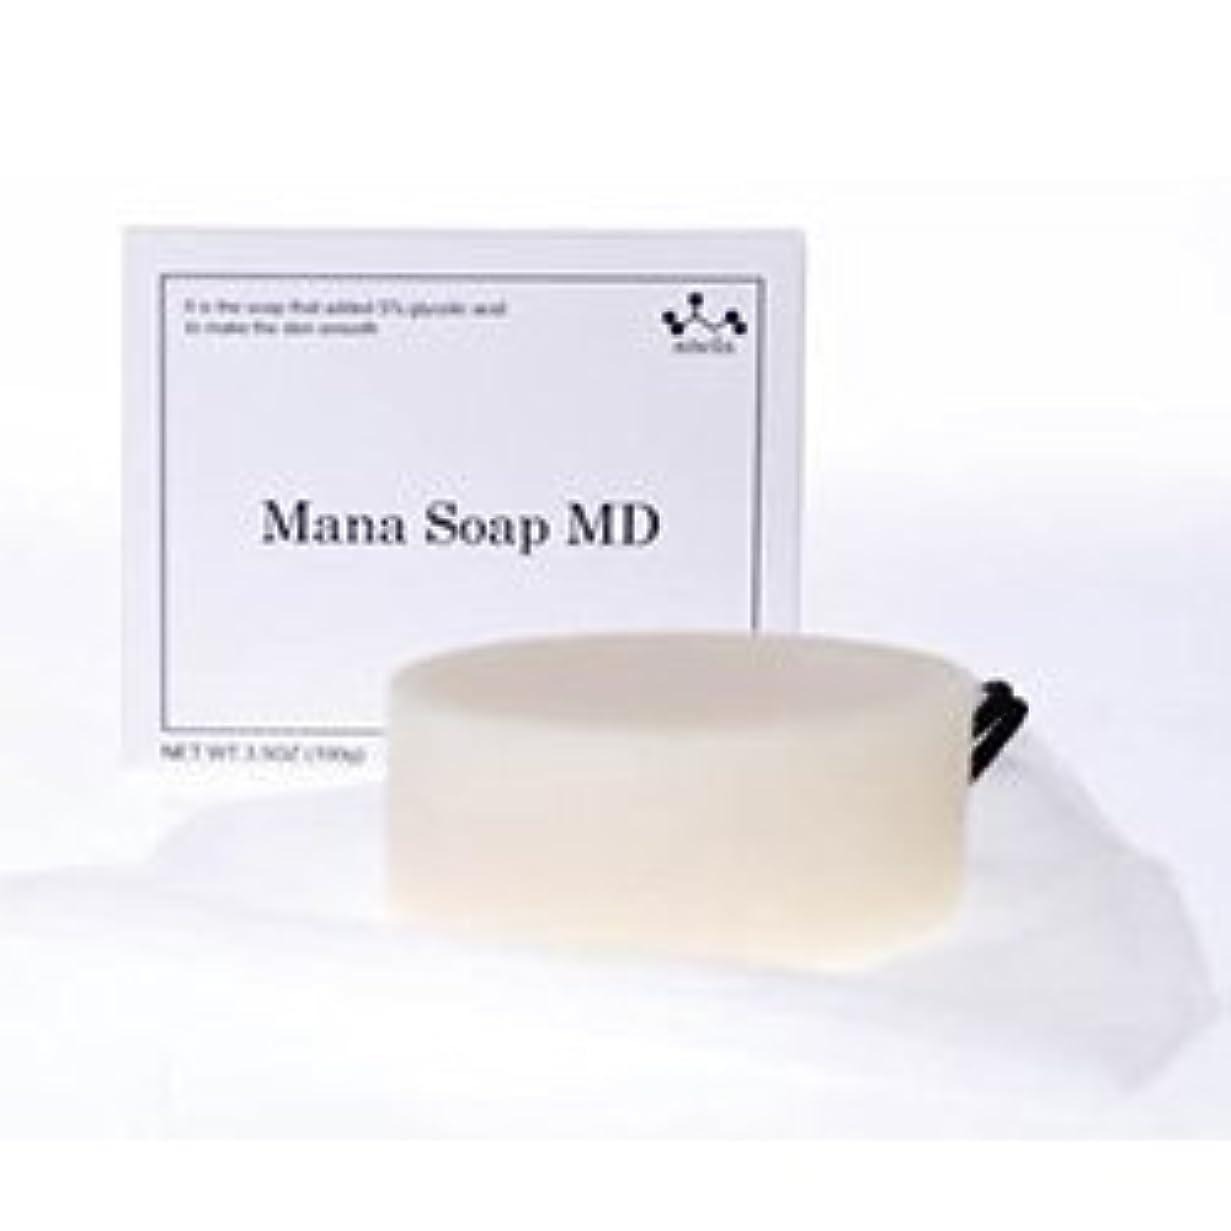 いちゃつく着る引き出す【ニキビ?乾燥?敏感】マナソープMD5 乾燥するけどニキビができるという方におすすめ! プラセンタ配合の無添加ピーリング石鹸 (5%)